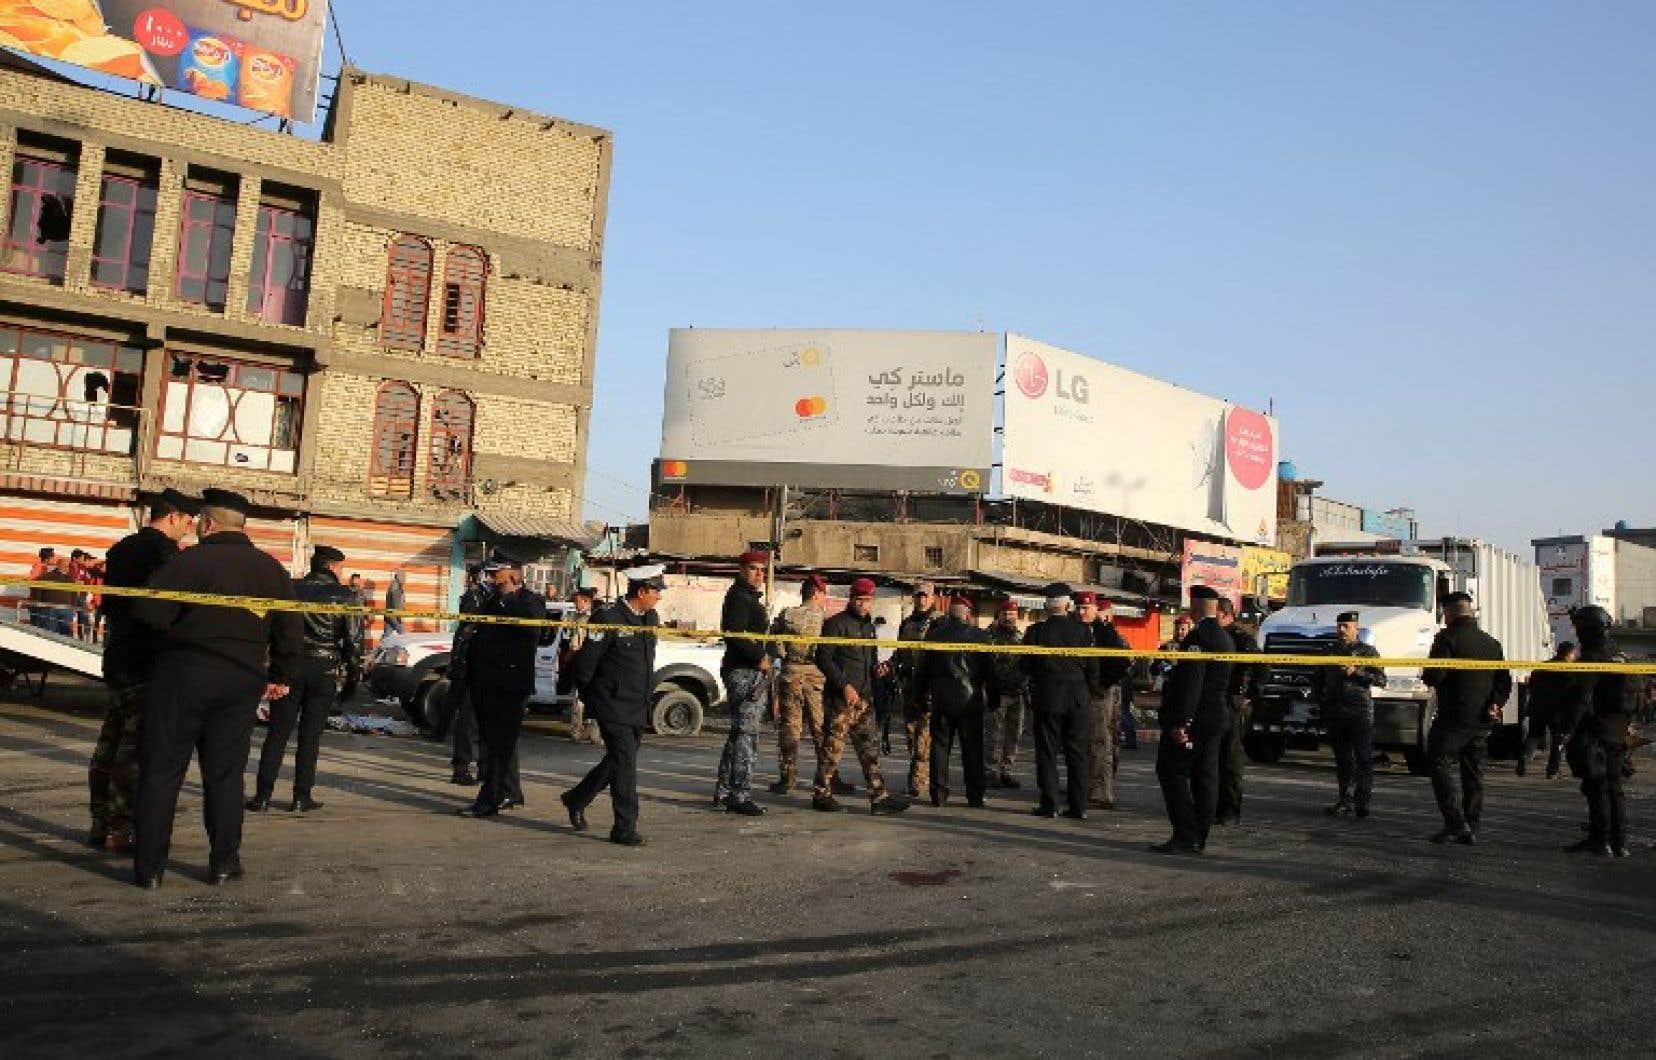 Des ambulances et les forces de sécurité ont été dépêchées en grand nombre sur la place Tayaran, maintes fois visée par des attaques meurtrières.